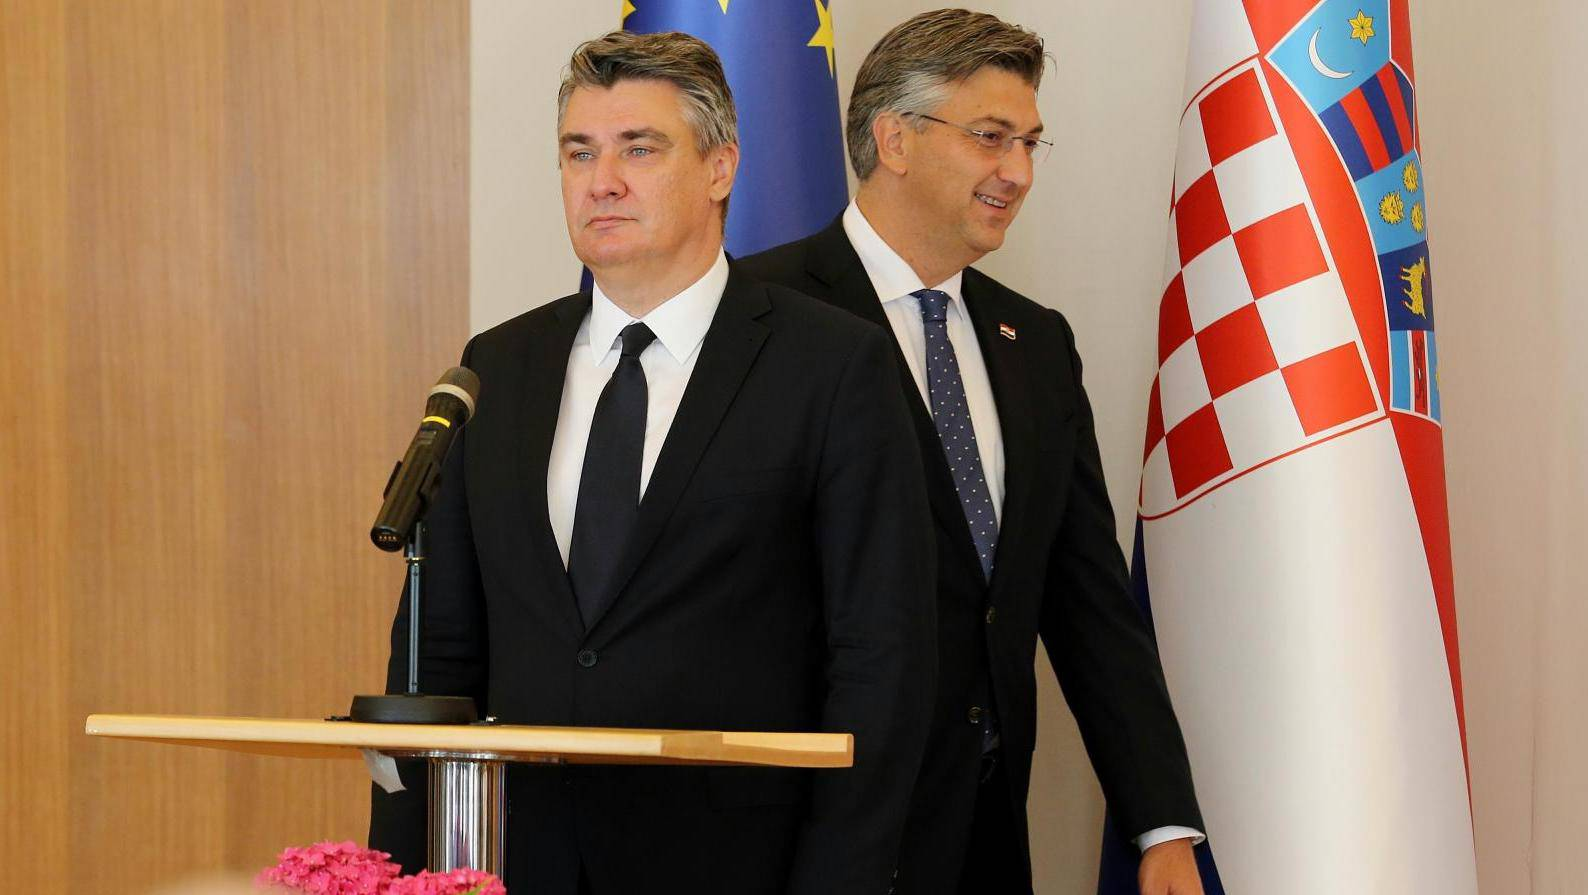 Milanović o Plenkoviću: Priča je gotova što se nas tiče, ali nije dosadna. Štitio sam premijera'